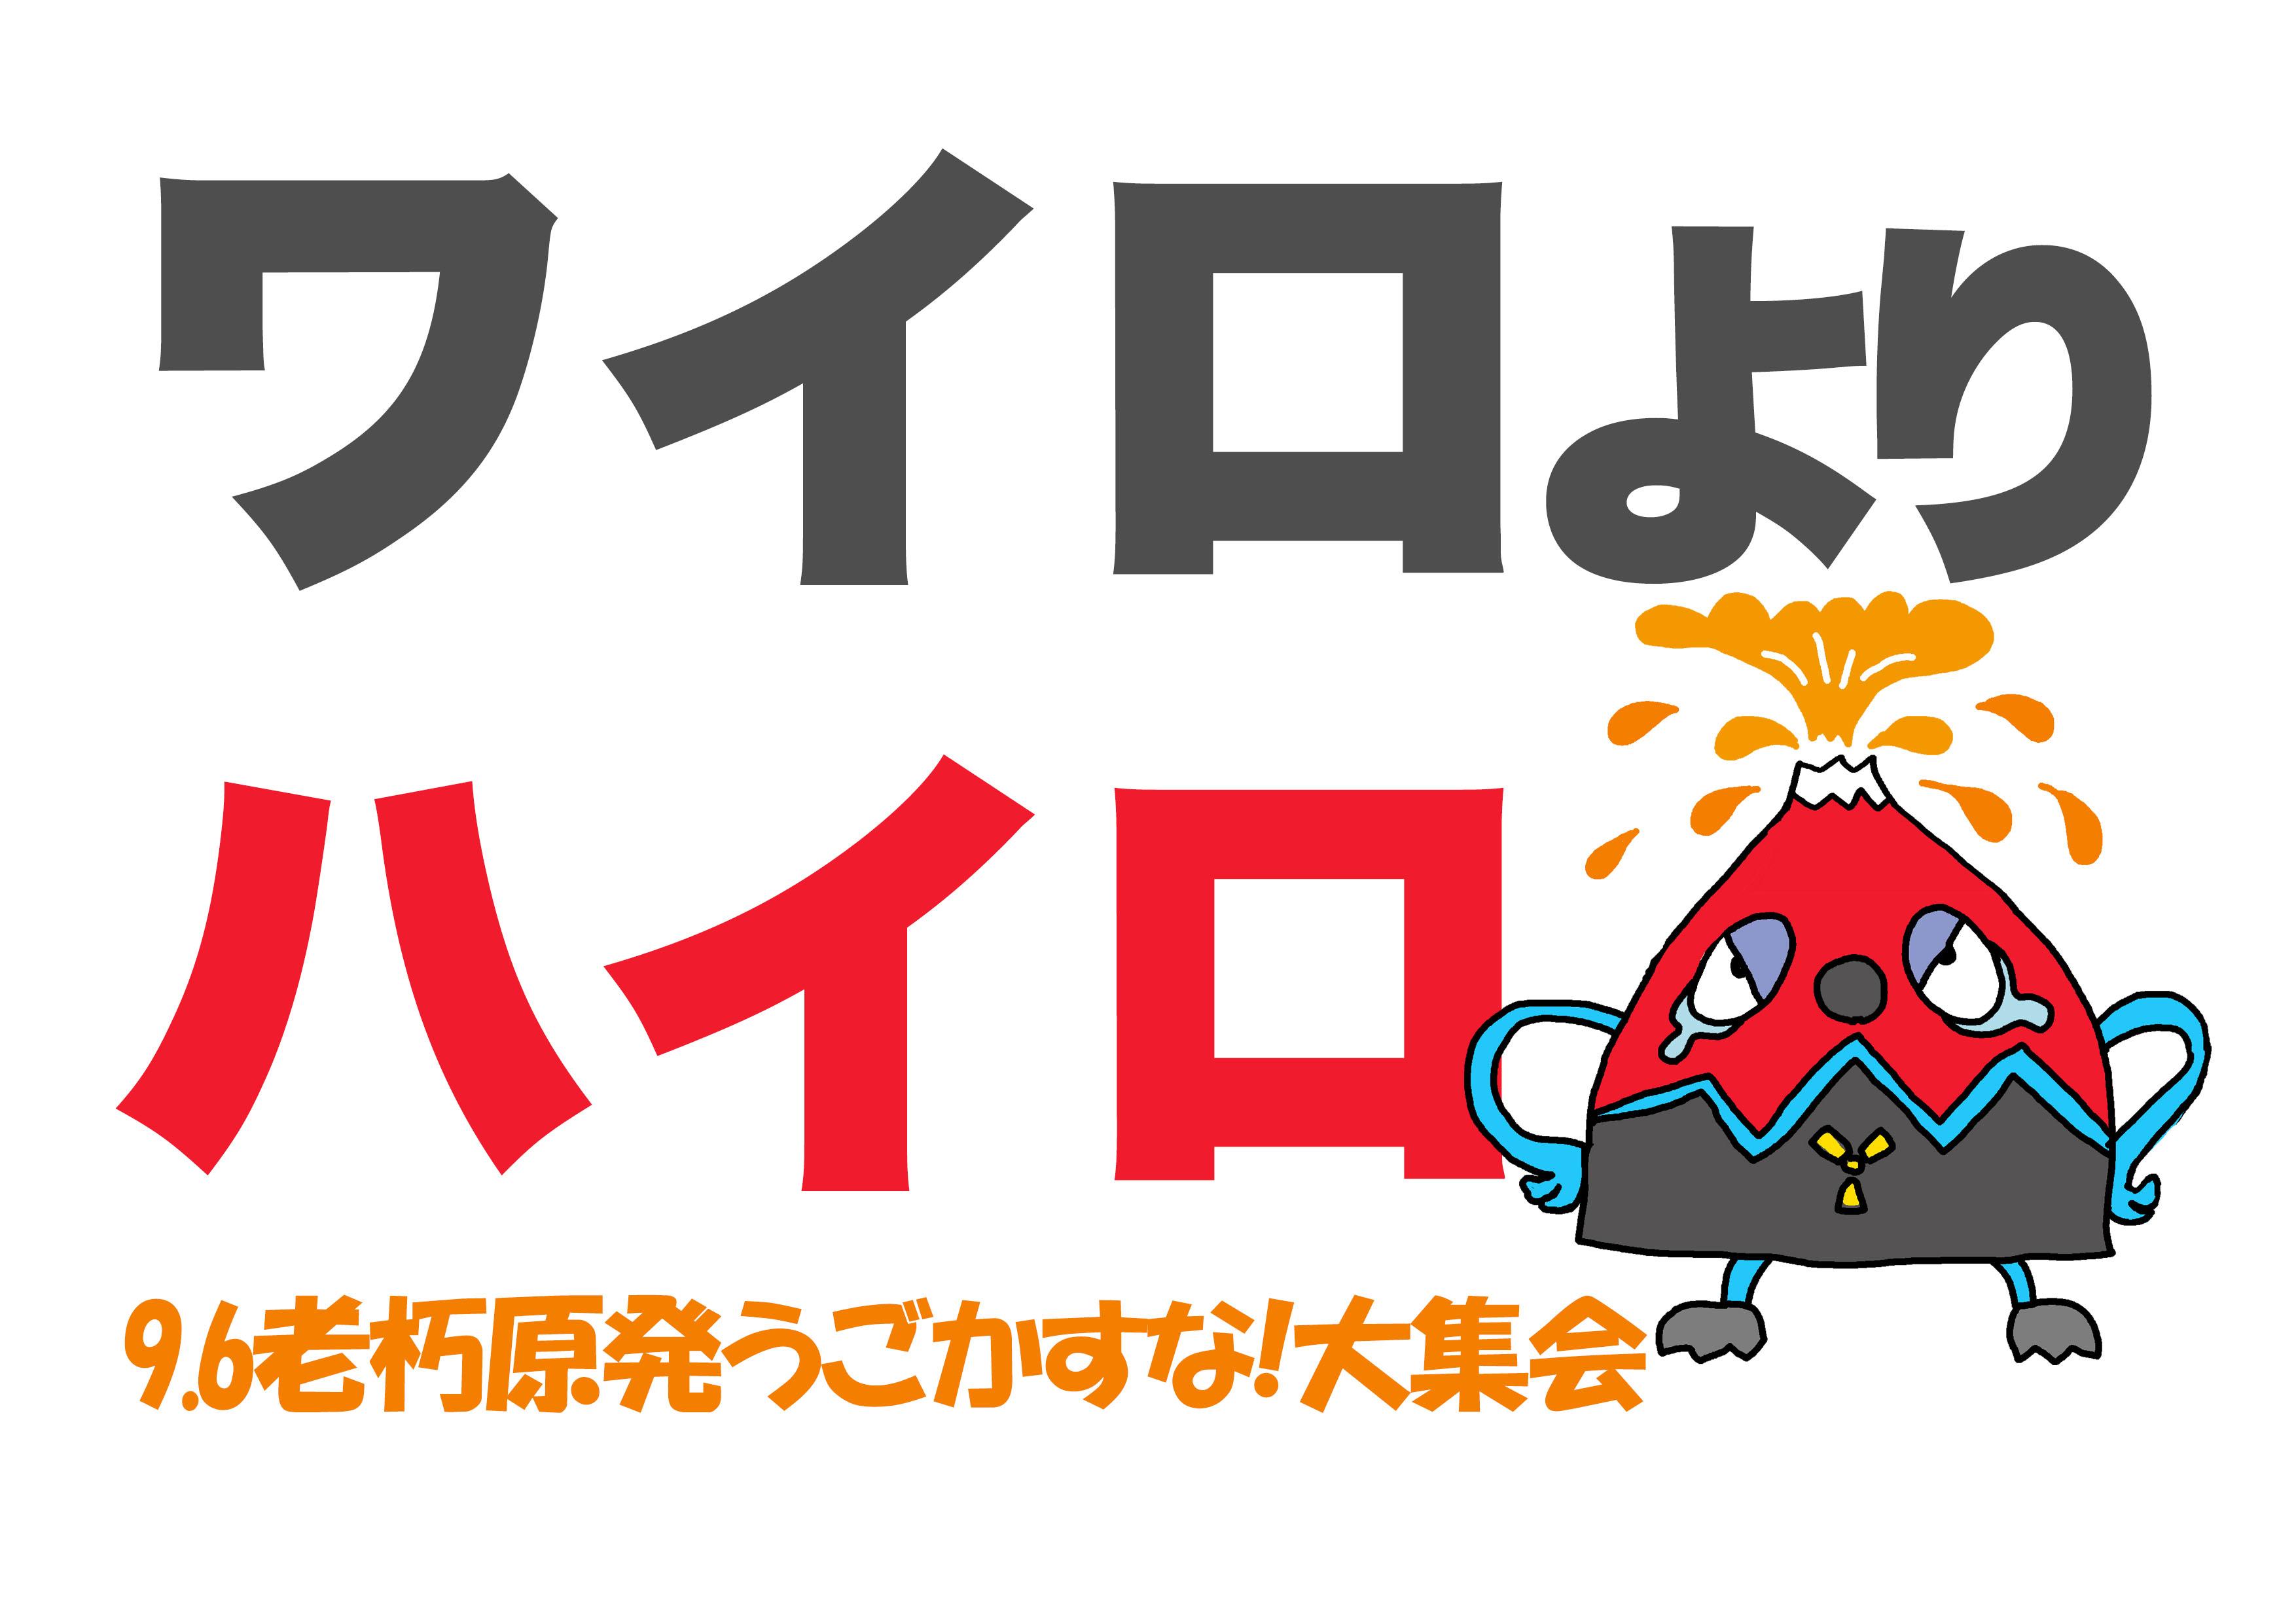 9_6banner_wairoyorihairo